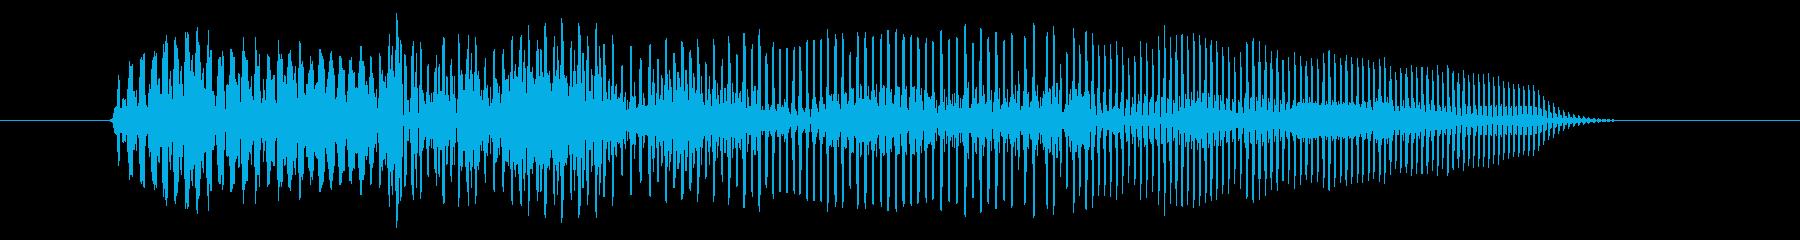 空腹03-2の再生済みの波形